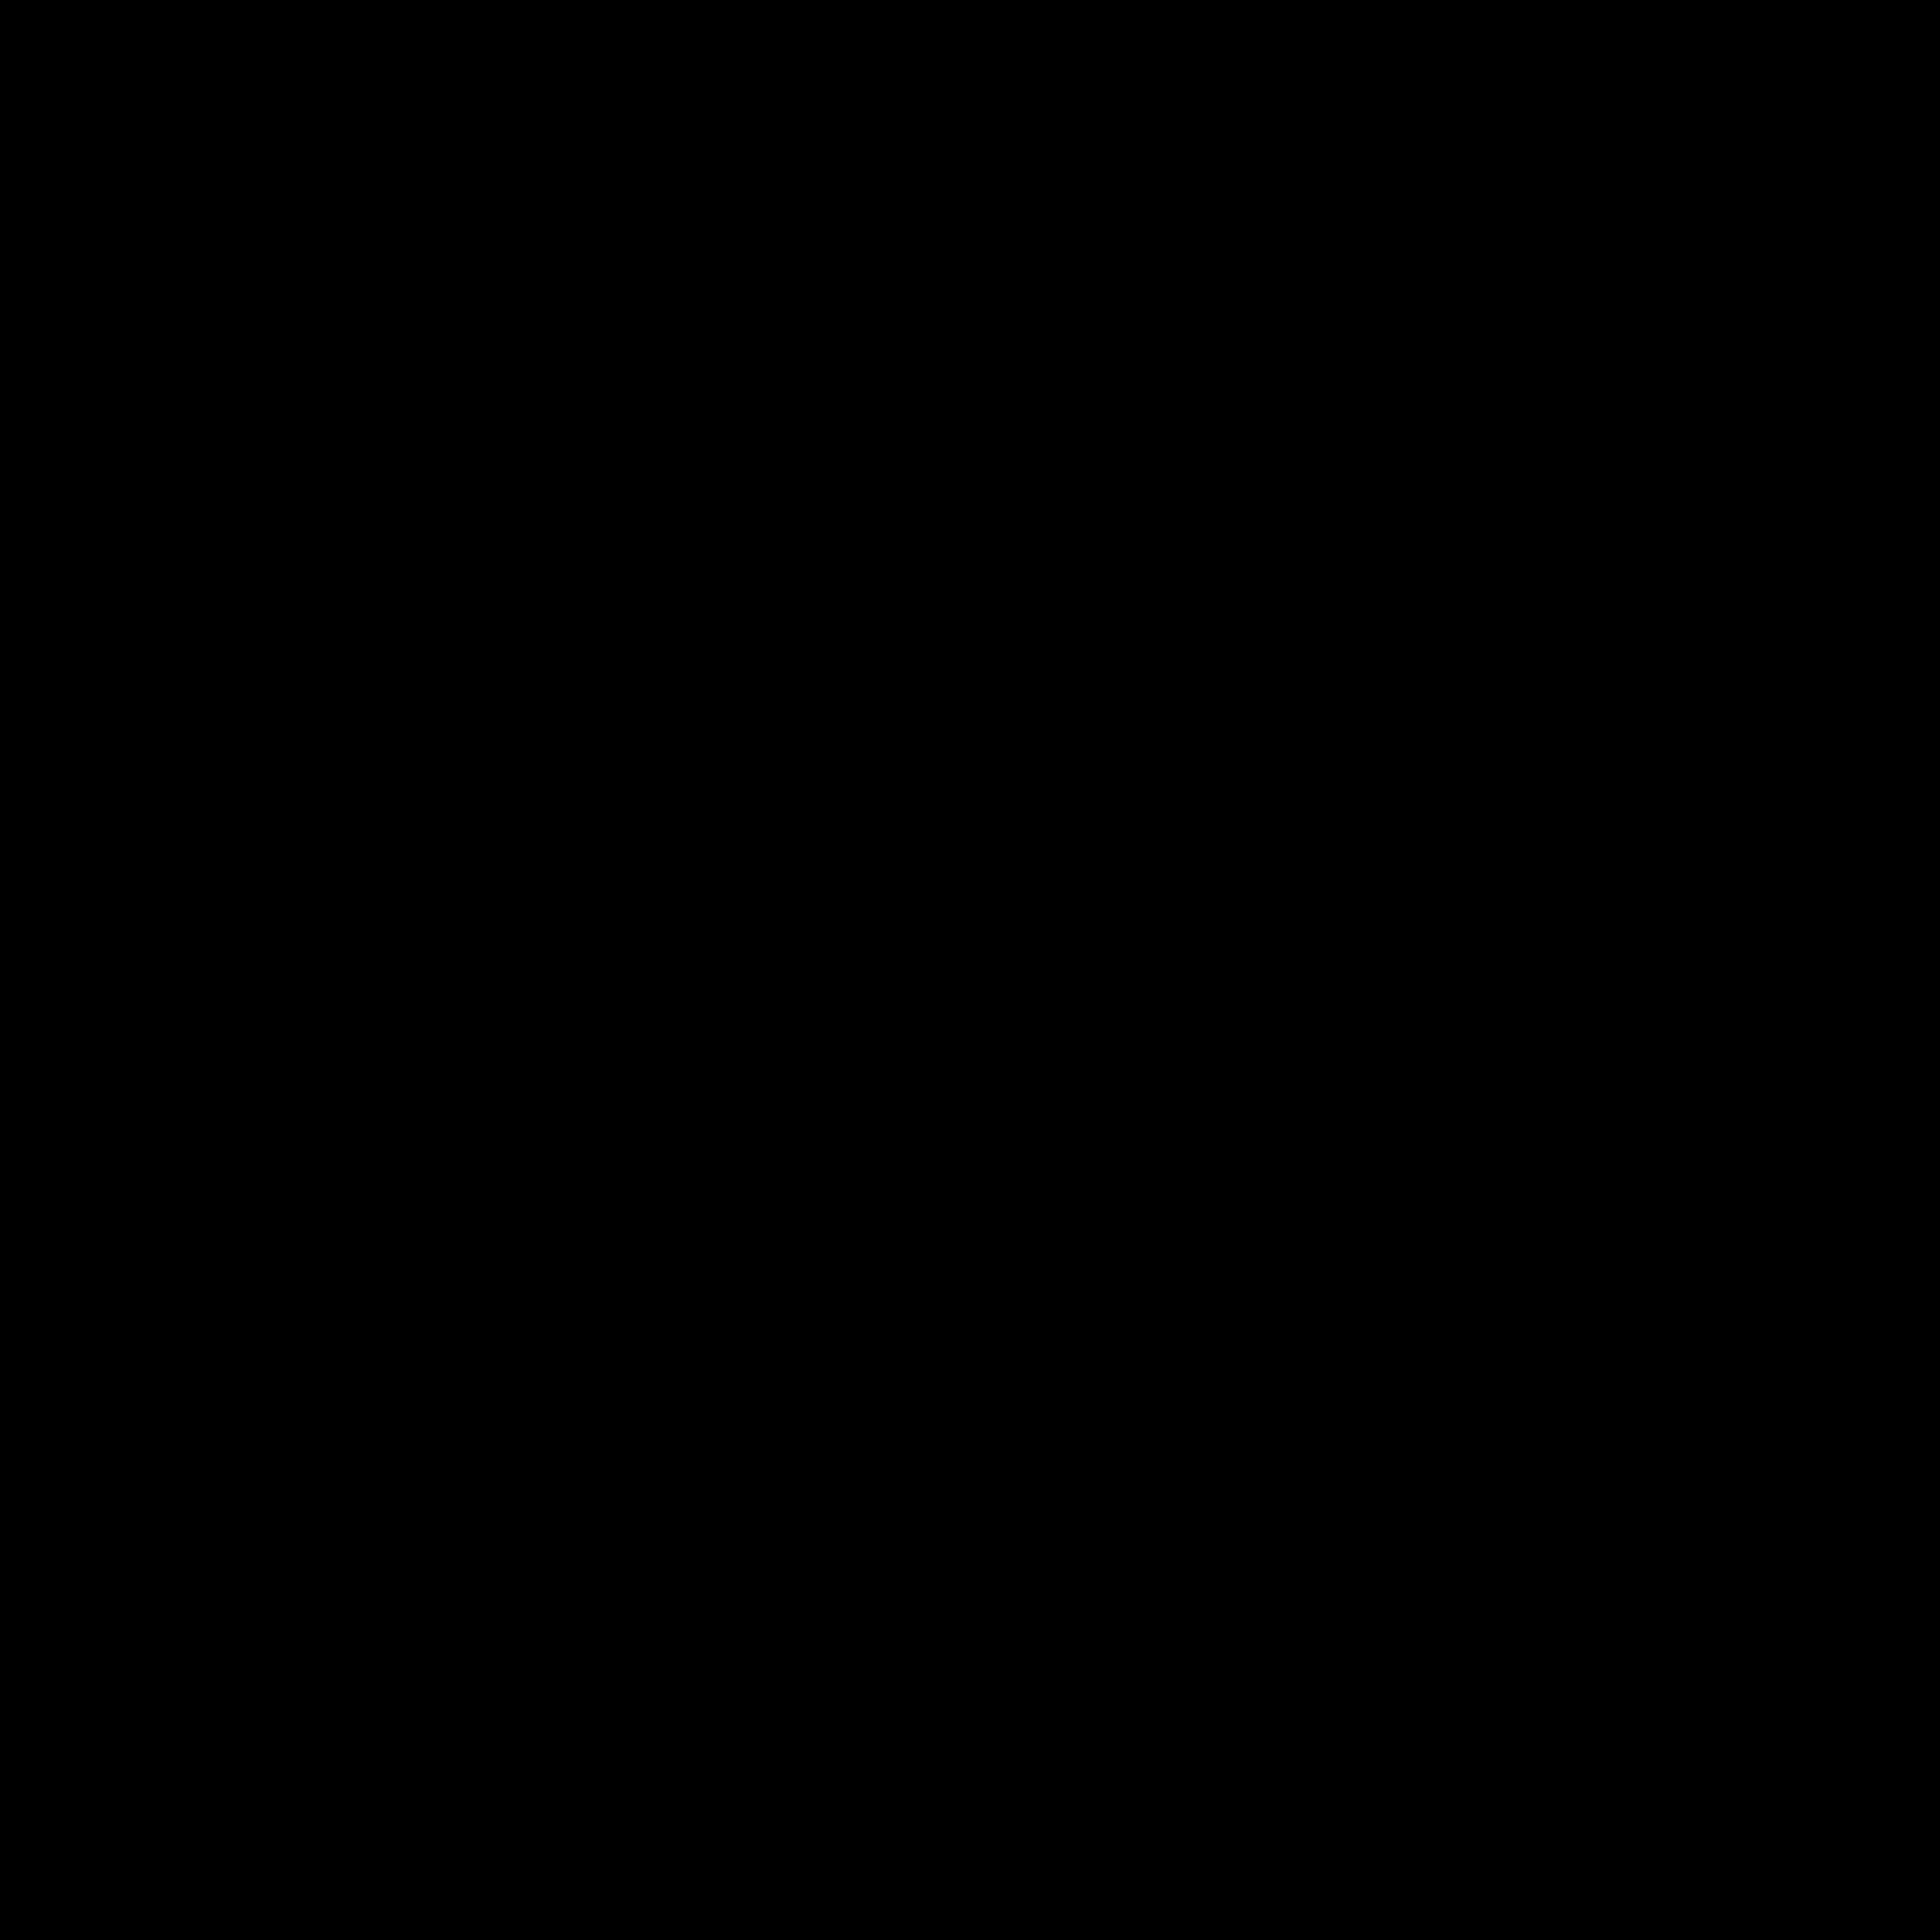 Carte Bleue Transparente.Carte Bleue Logo Png Transparent Svg Vector Freebie Supply